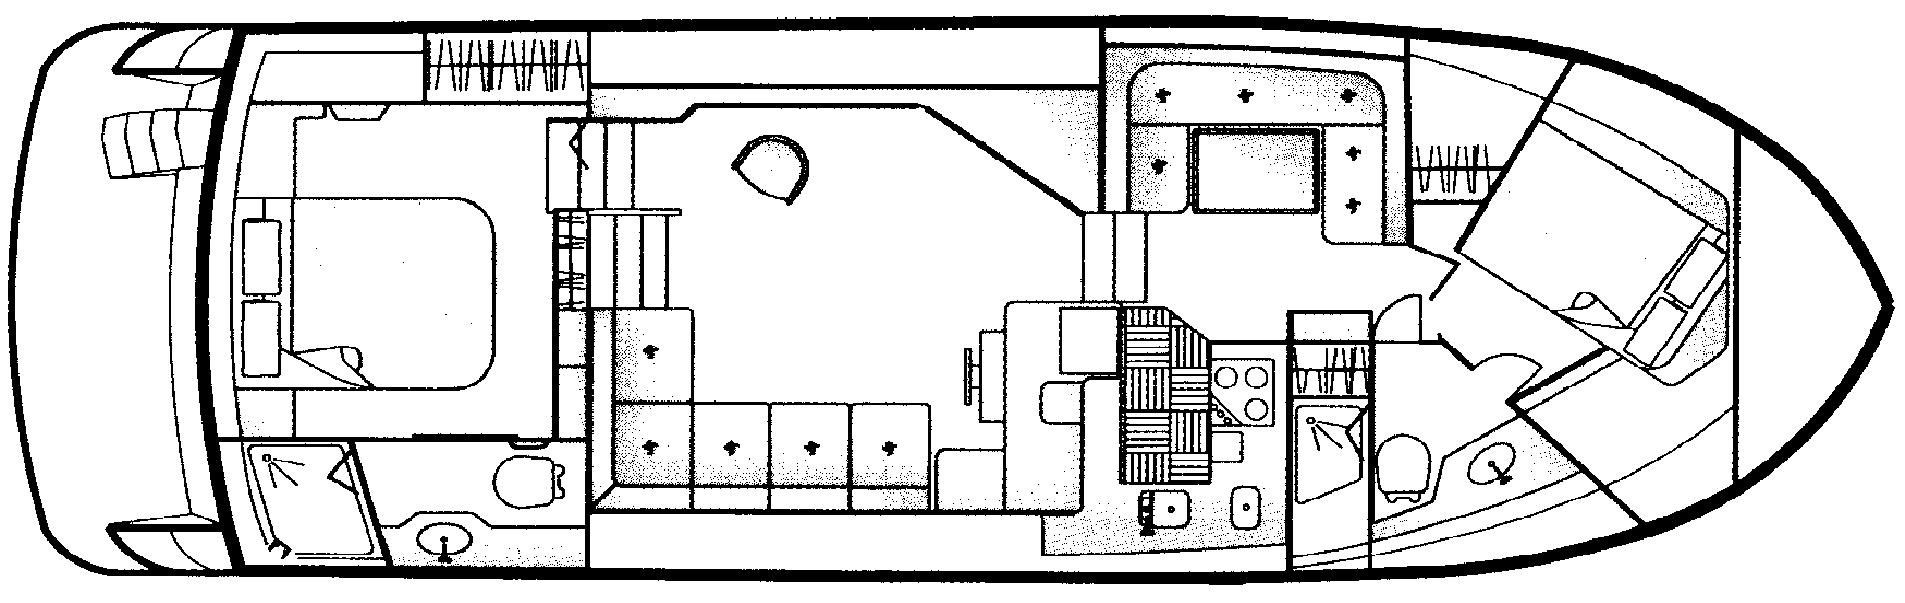 445 Aft Cabin Floor Plan 1